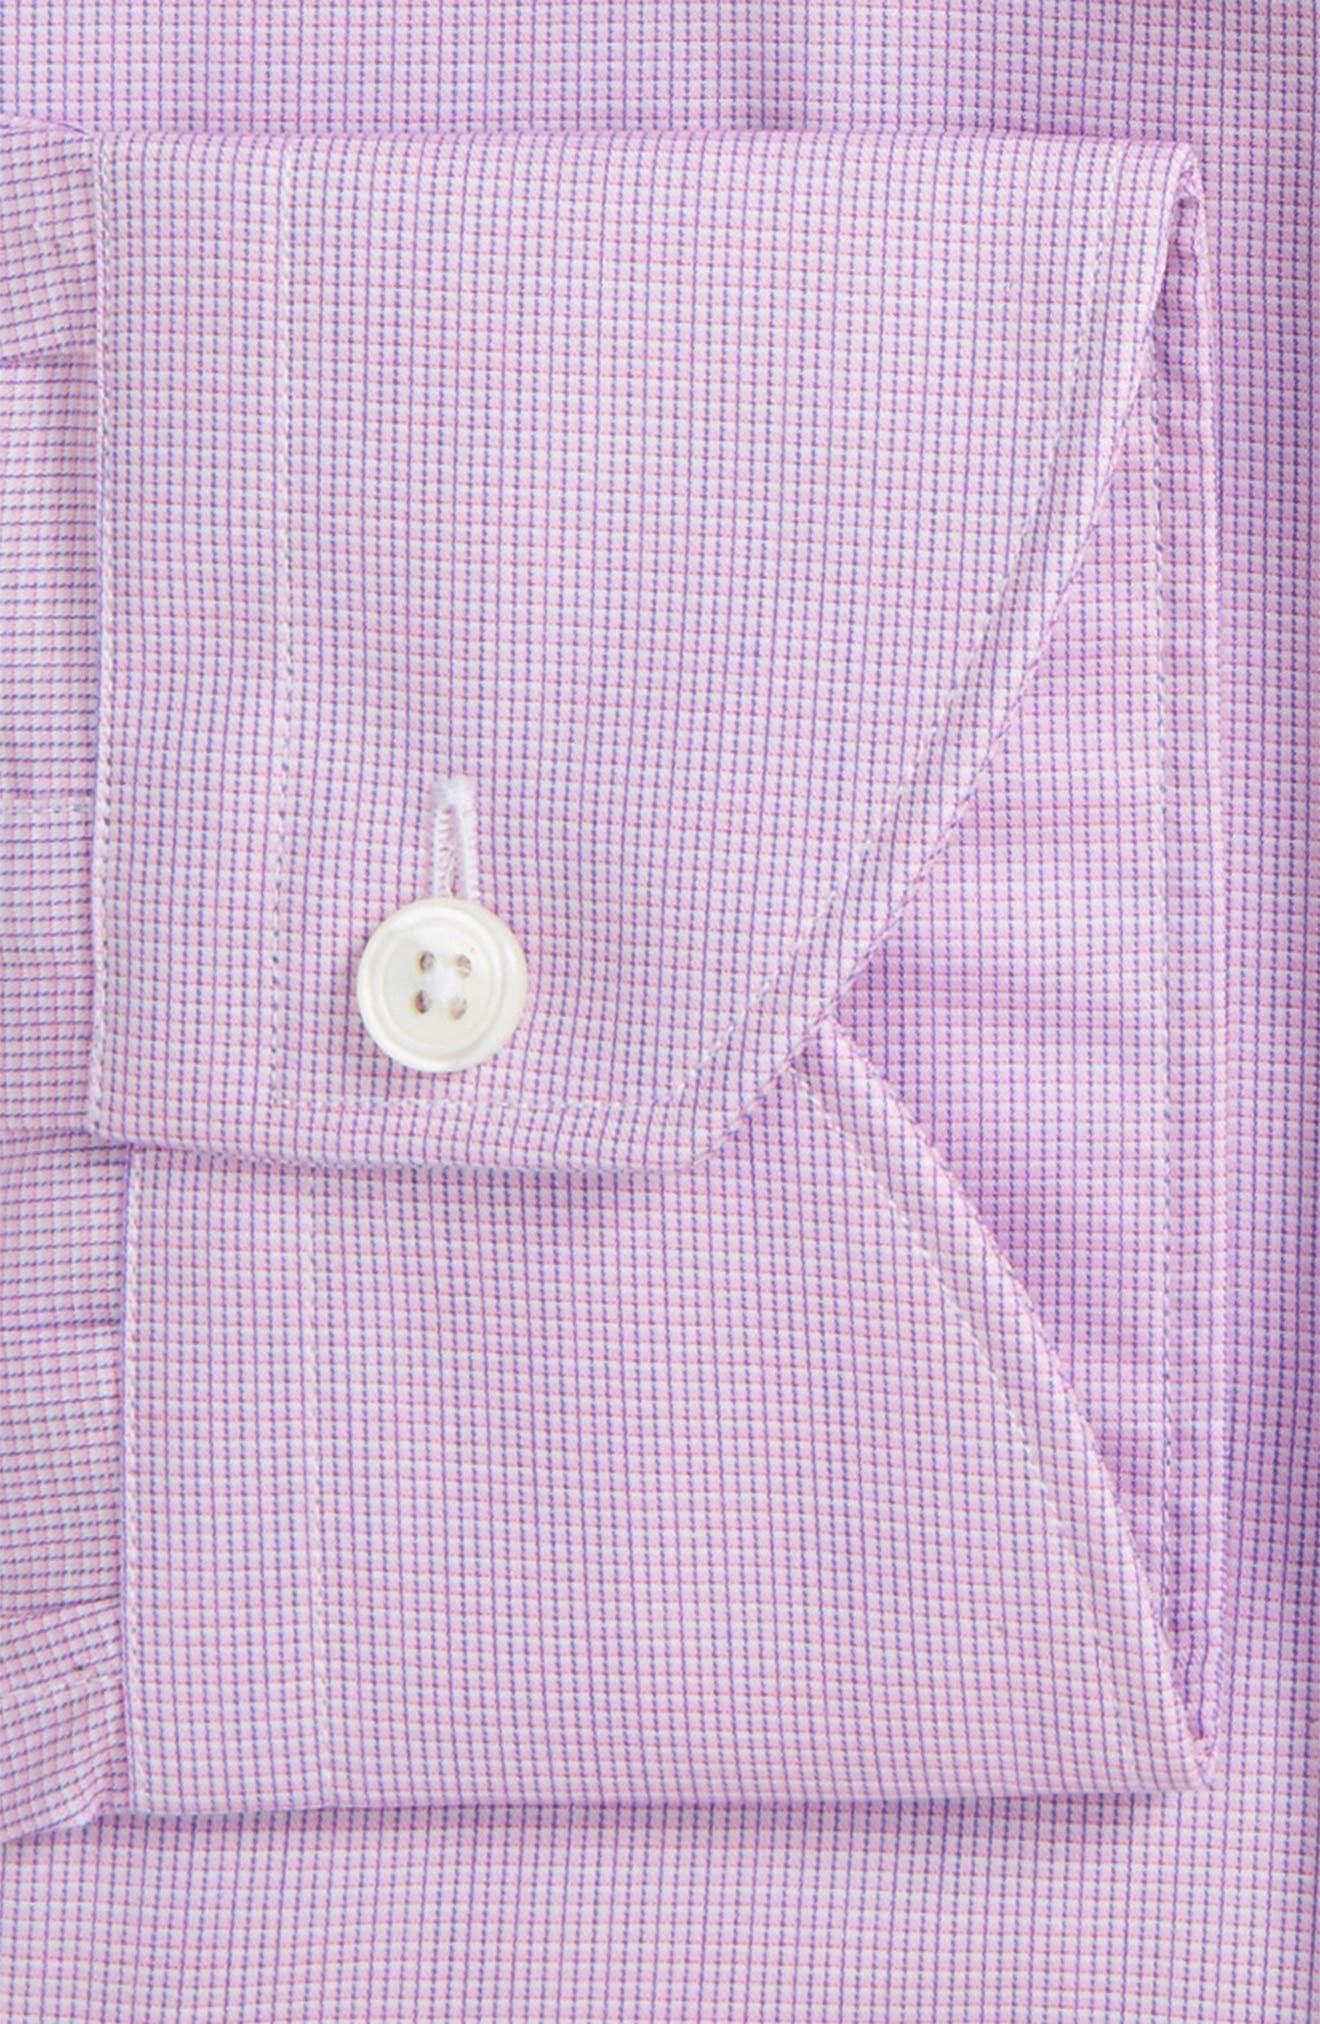 Regular Fit Check Dress Shirt,                             Main thumbnail 1, color,                             530